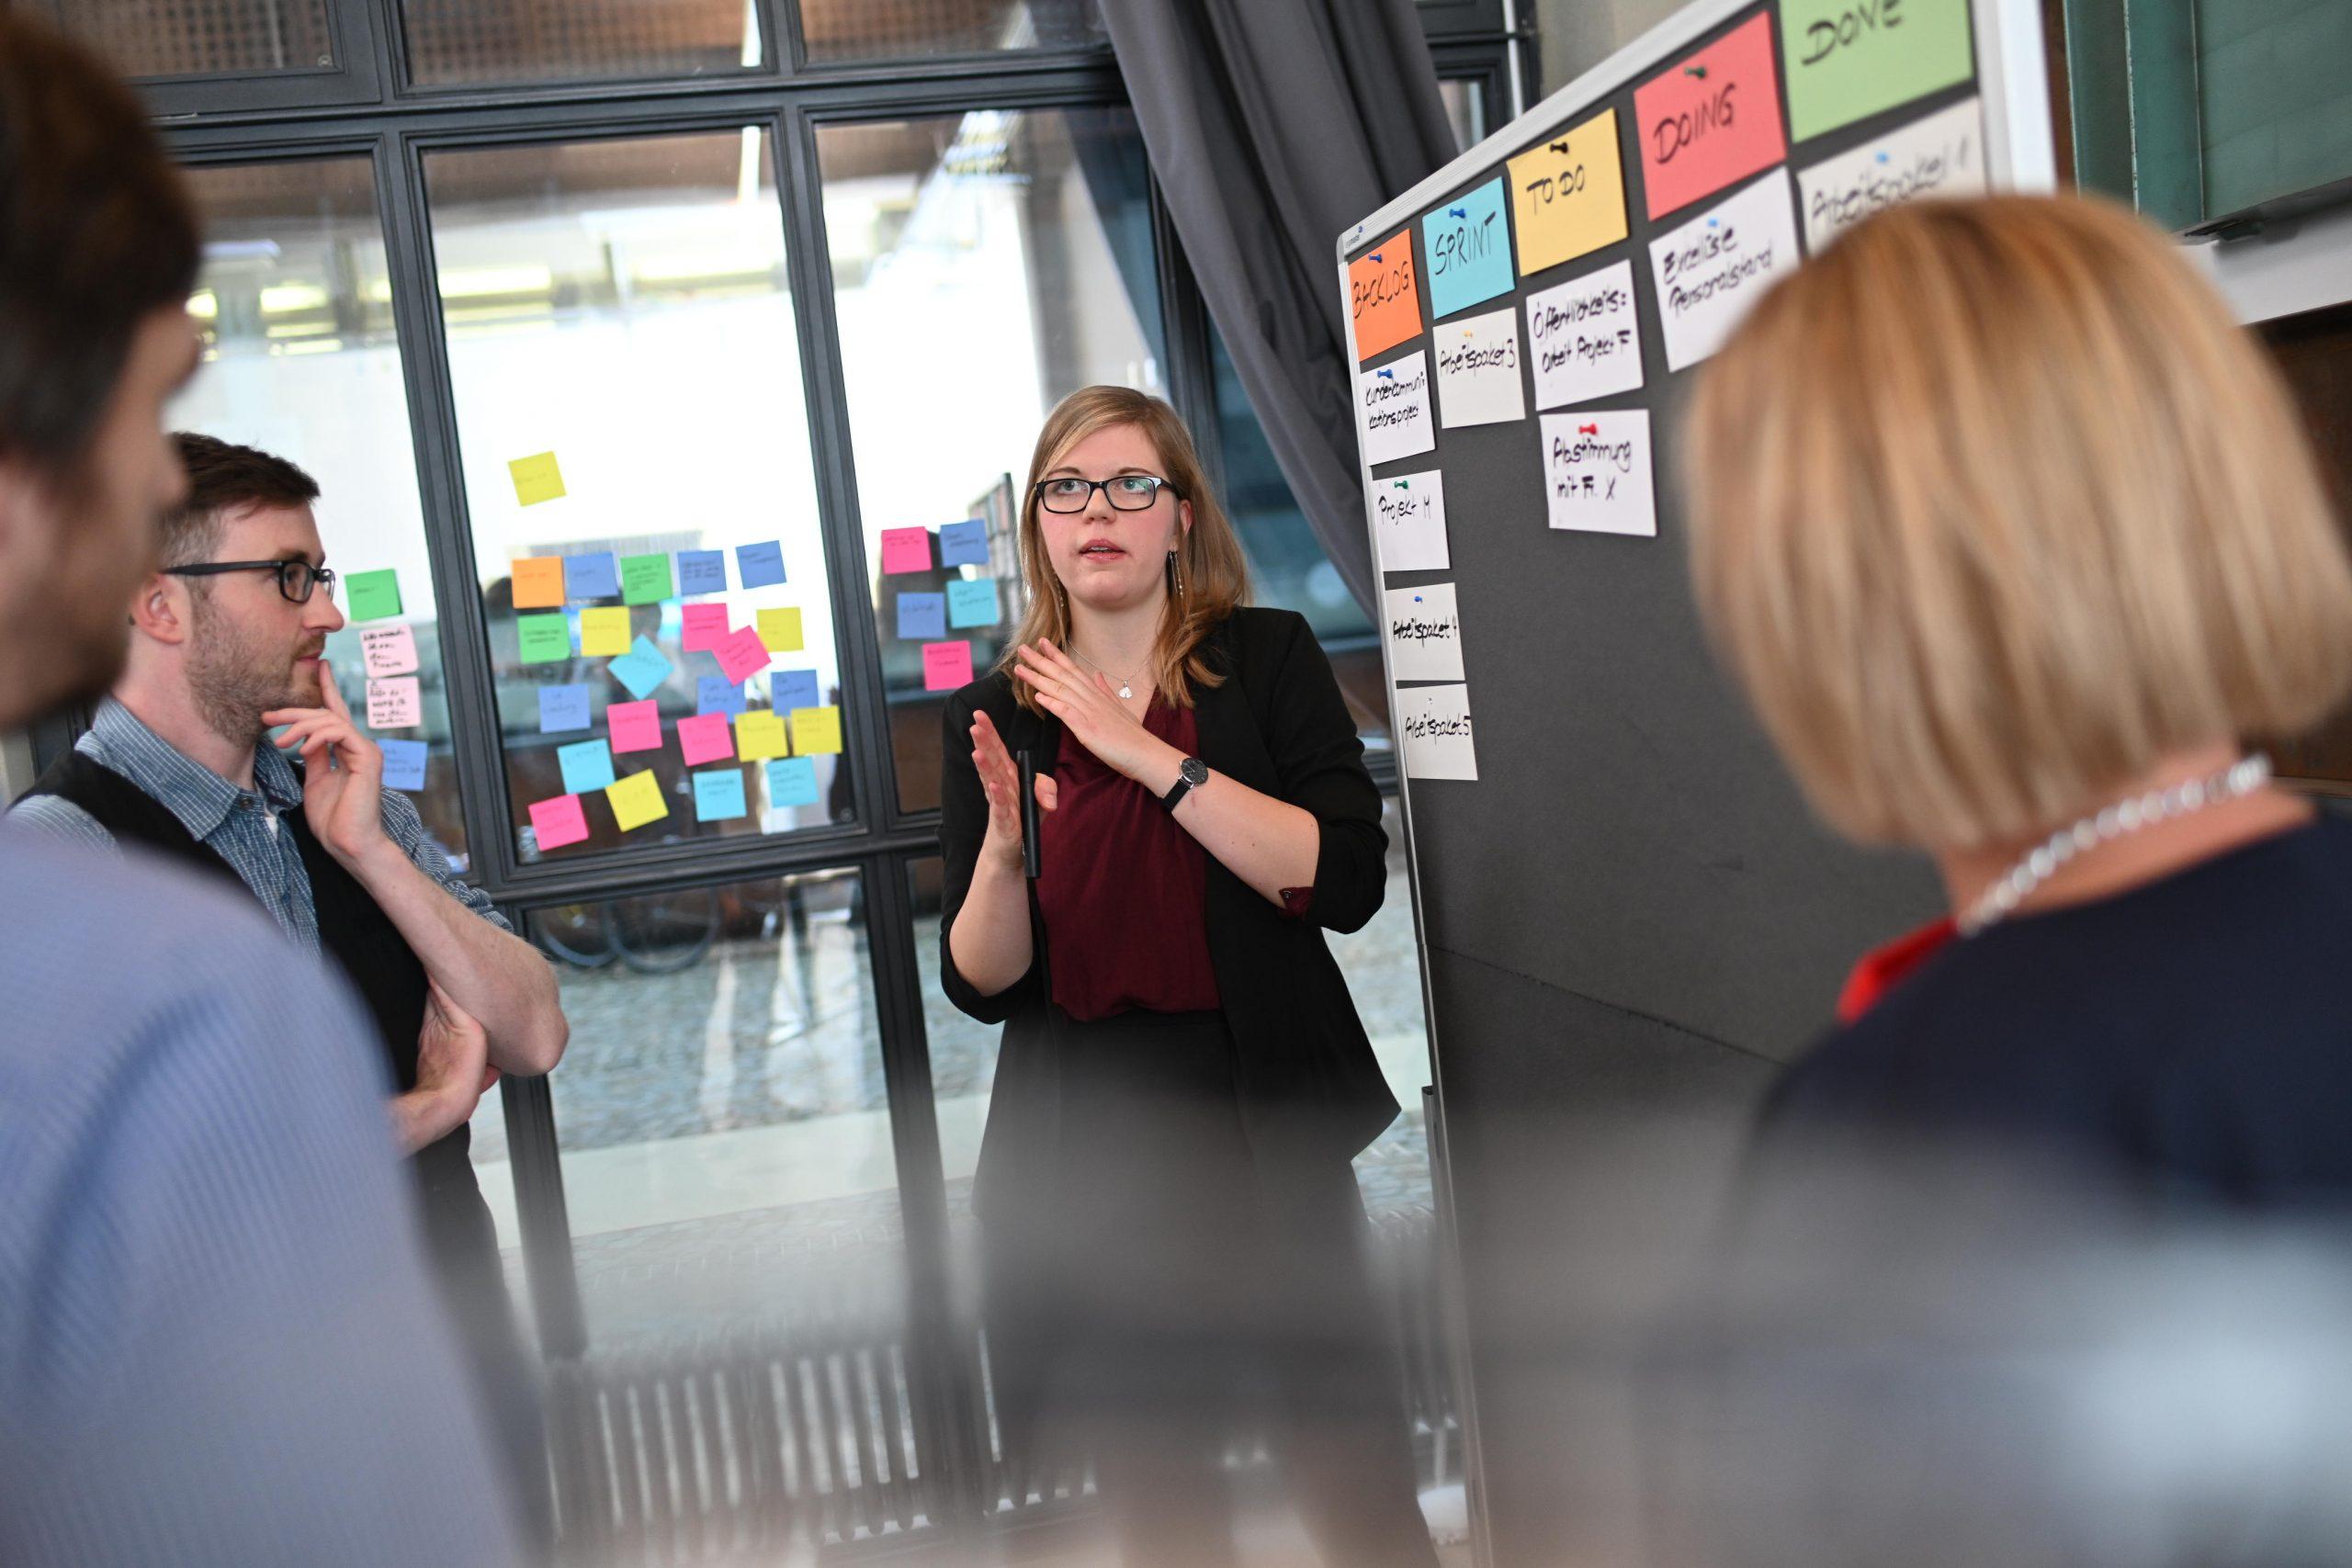 Trainerin erklärt im Seminar agile Methoden